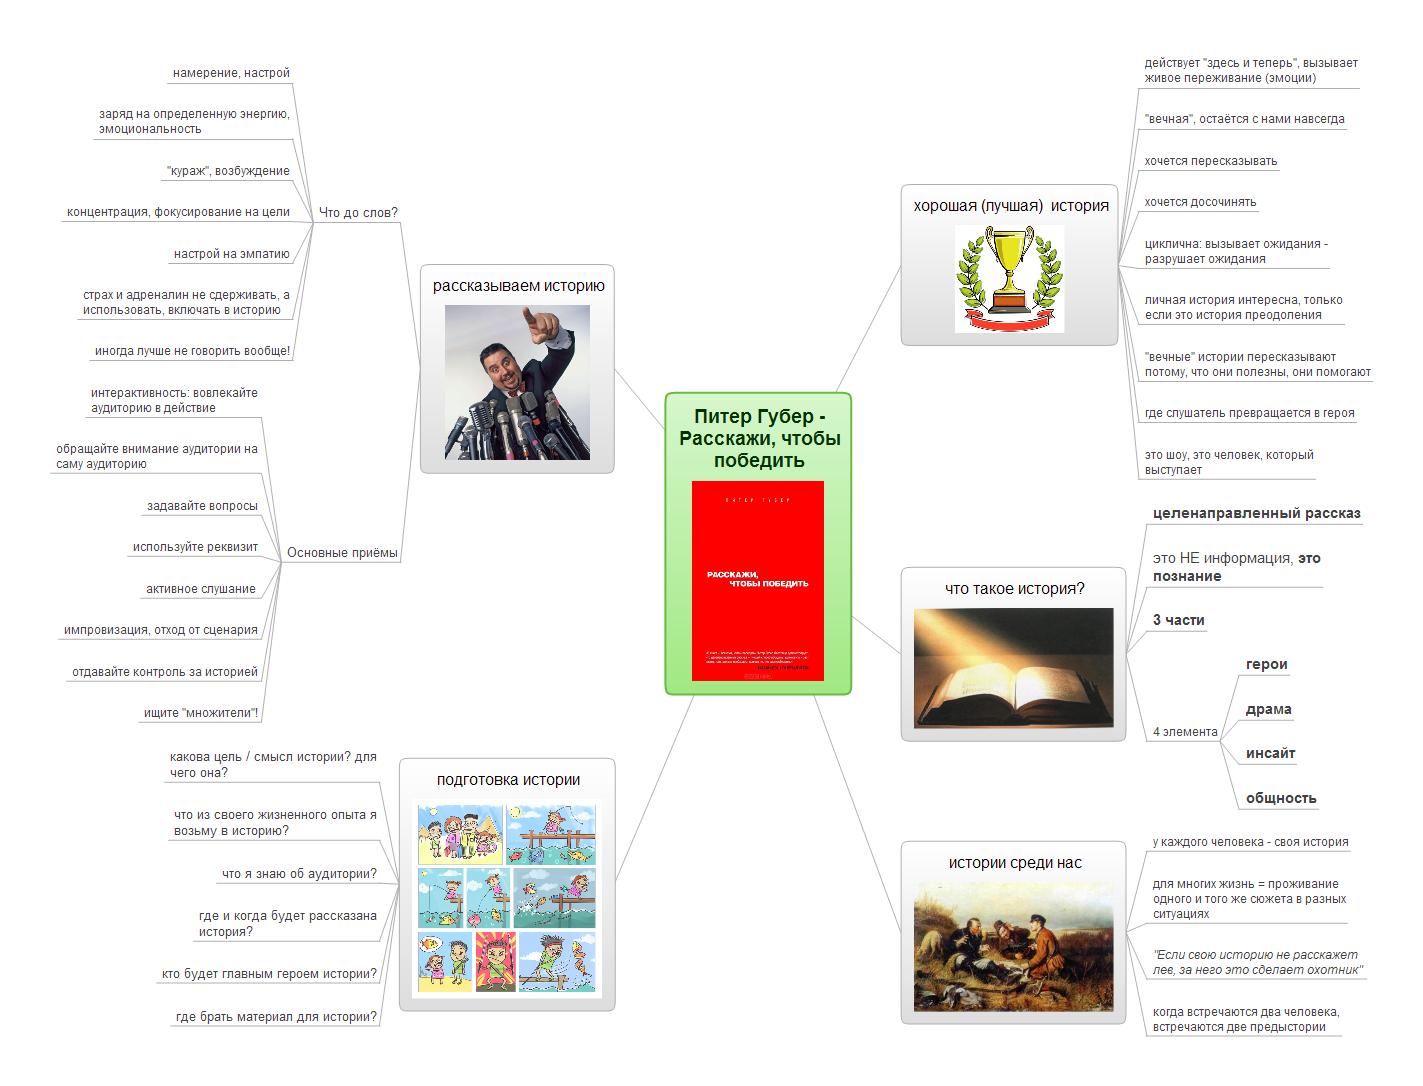 mindmap к книге Расскажи, чтобы победить - основные правила сторителлинга